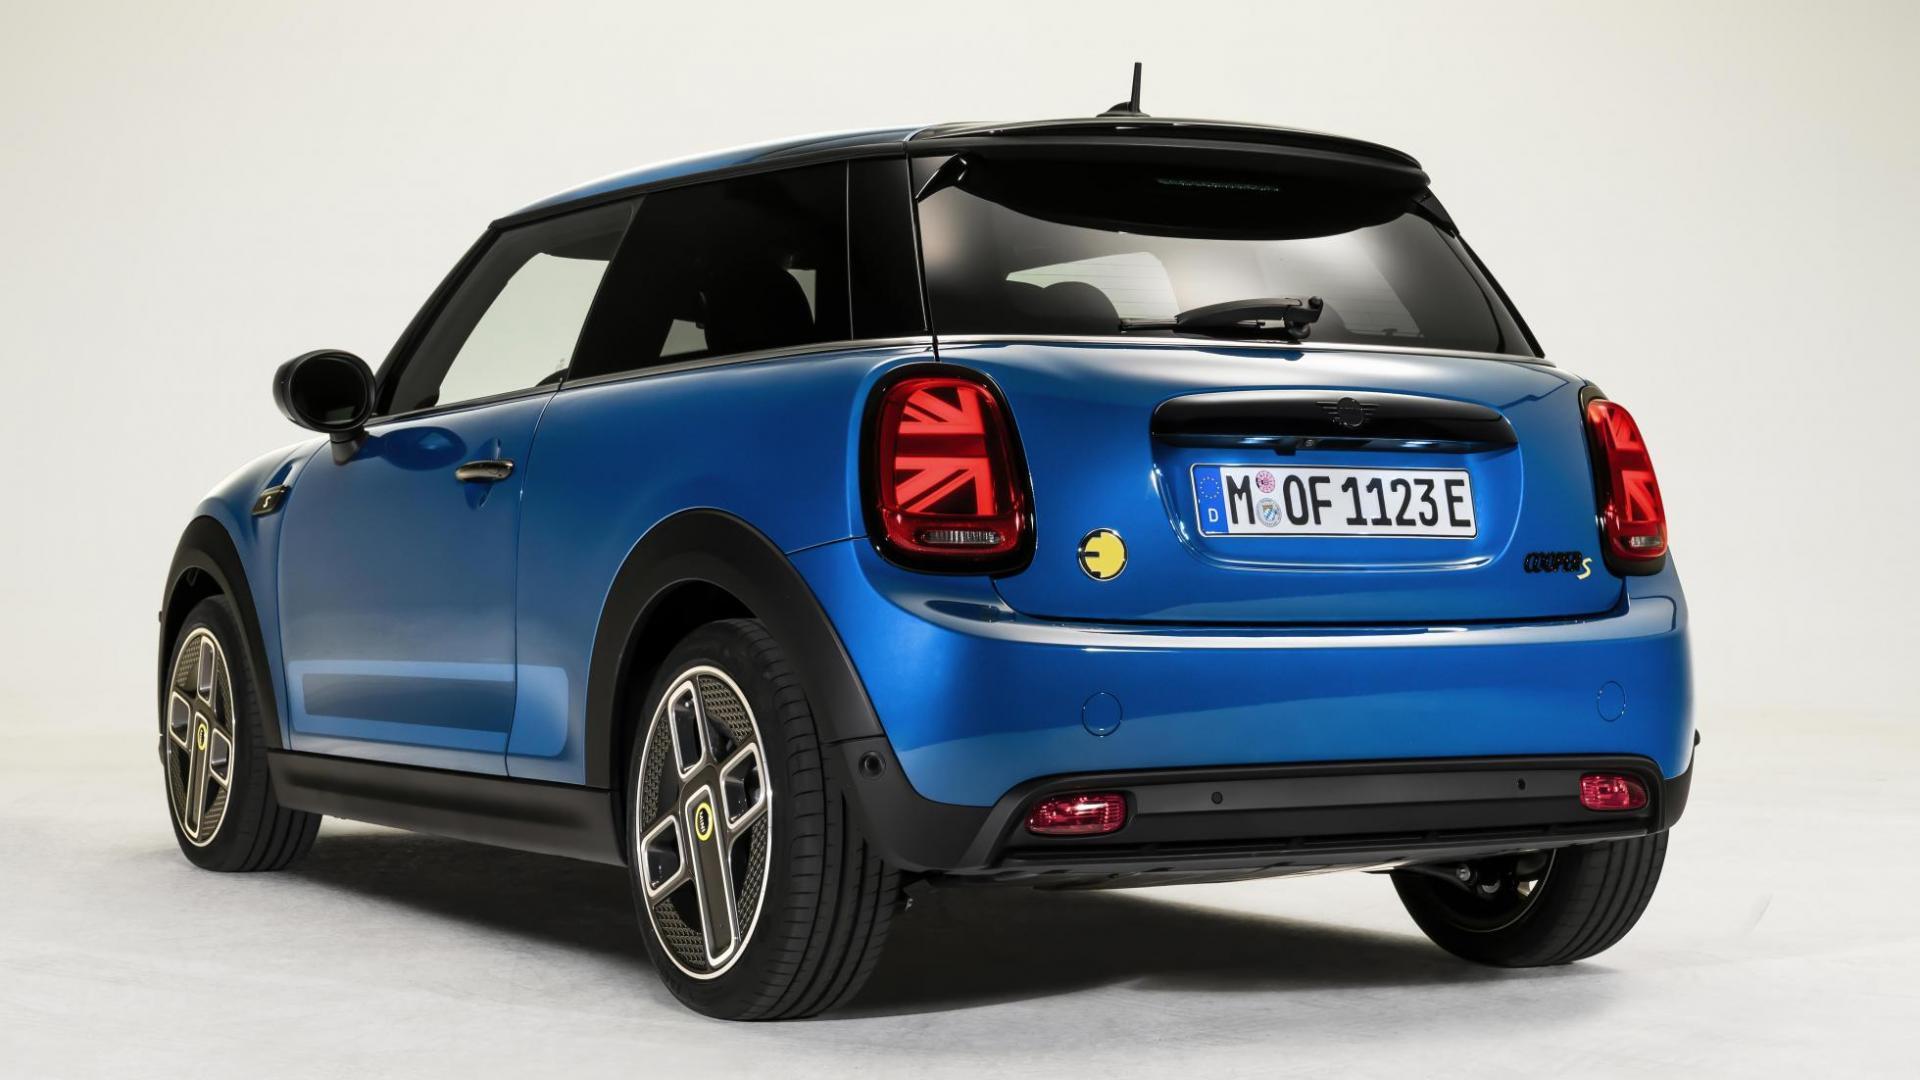 Mini Cooper SE met de vlag-achterlichten